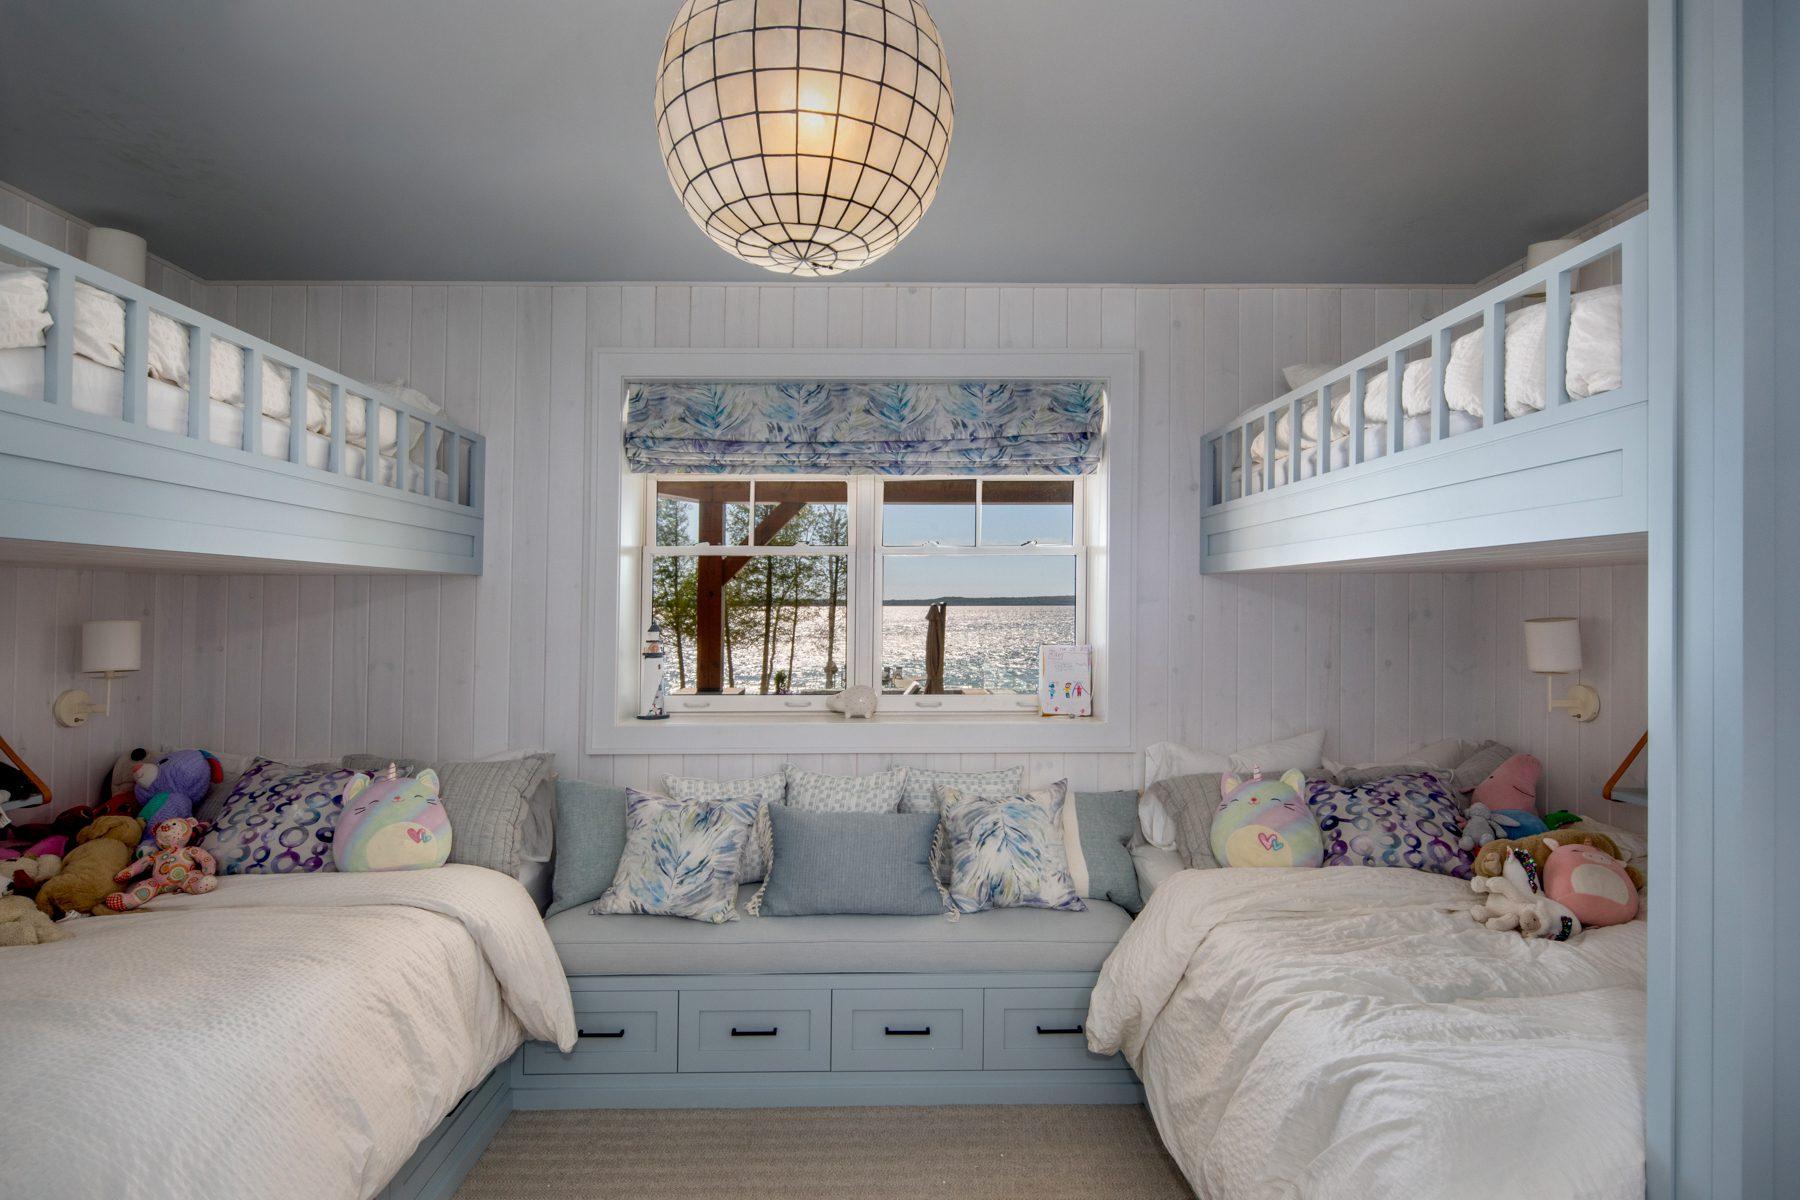 Normerica-Timber-Homes-Timber-Frame-Portfolio-Beachside-Bliss-Interior-Bunk-Room